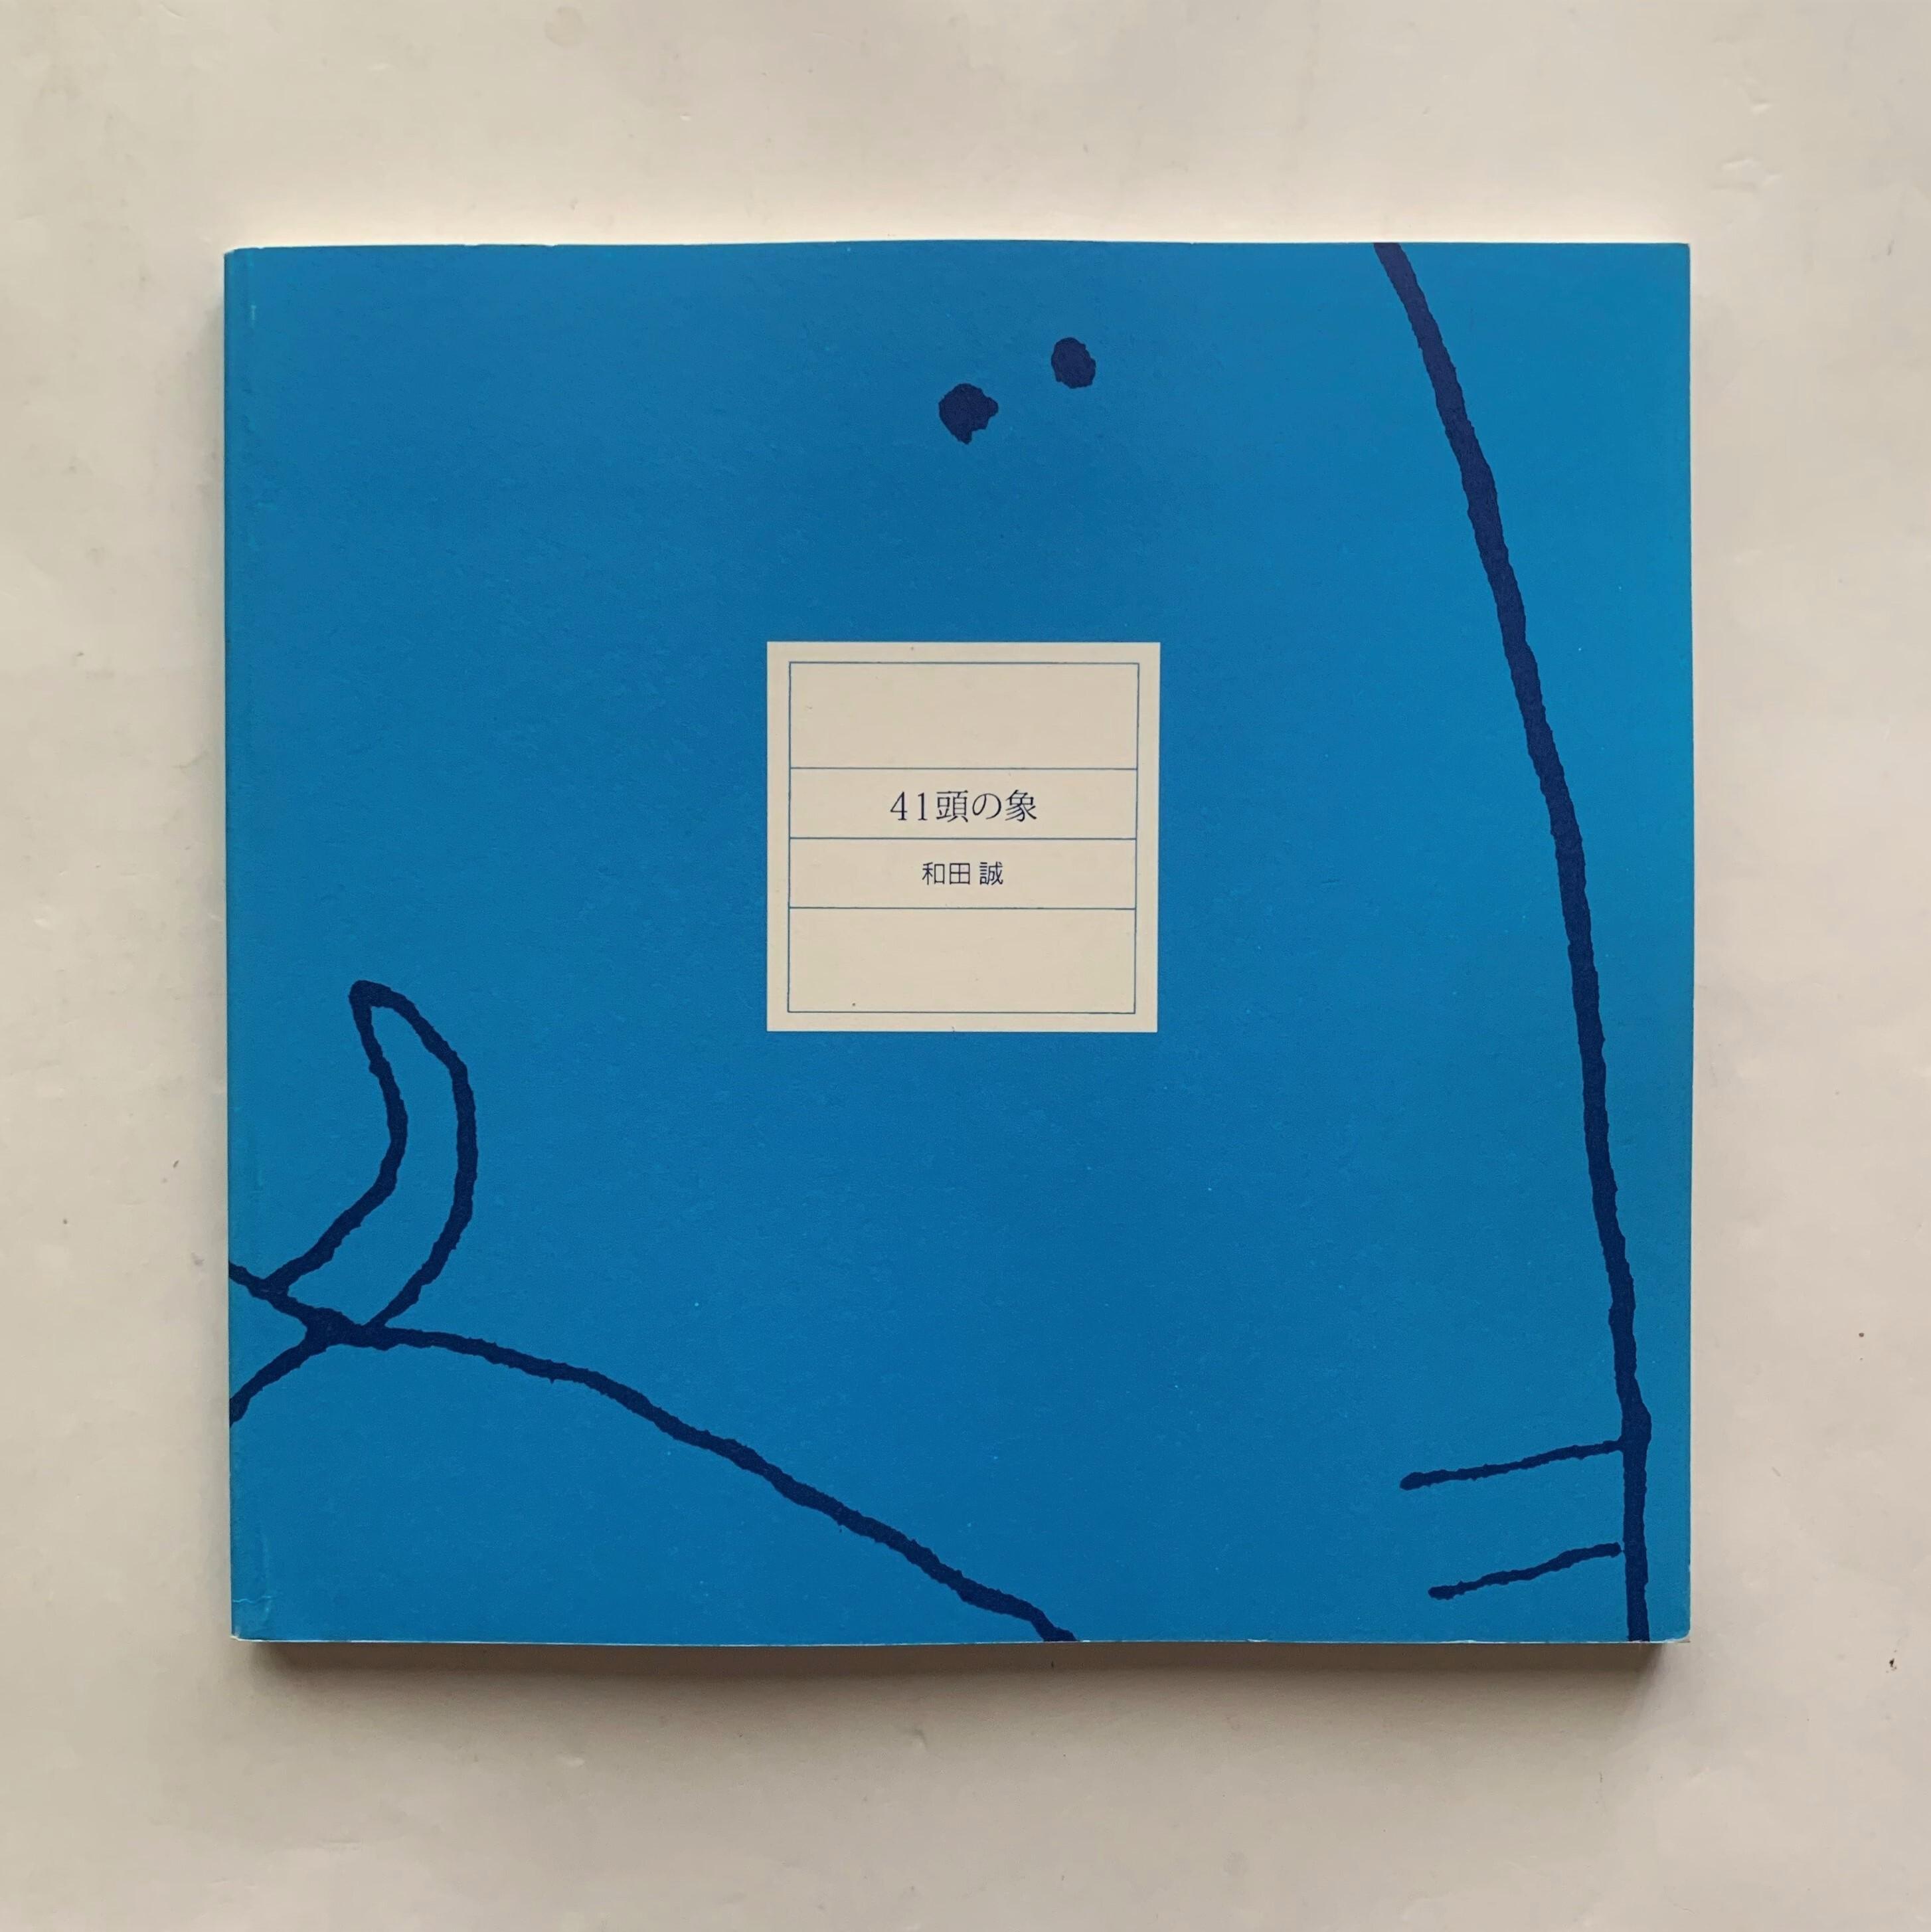 41頭の象 / 和田誠 / トムズボックス